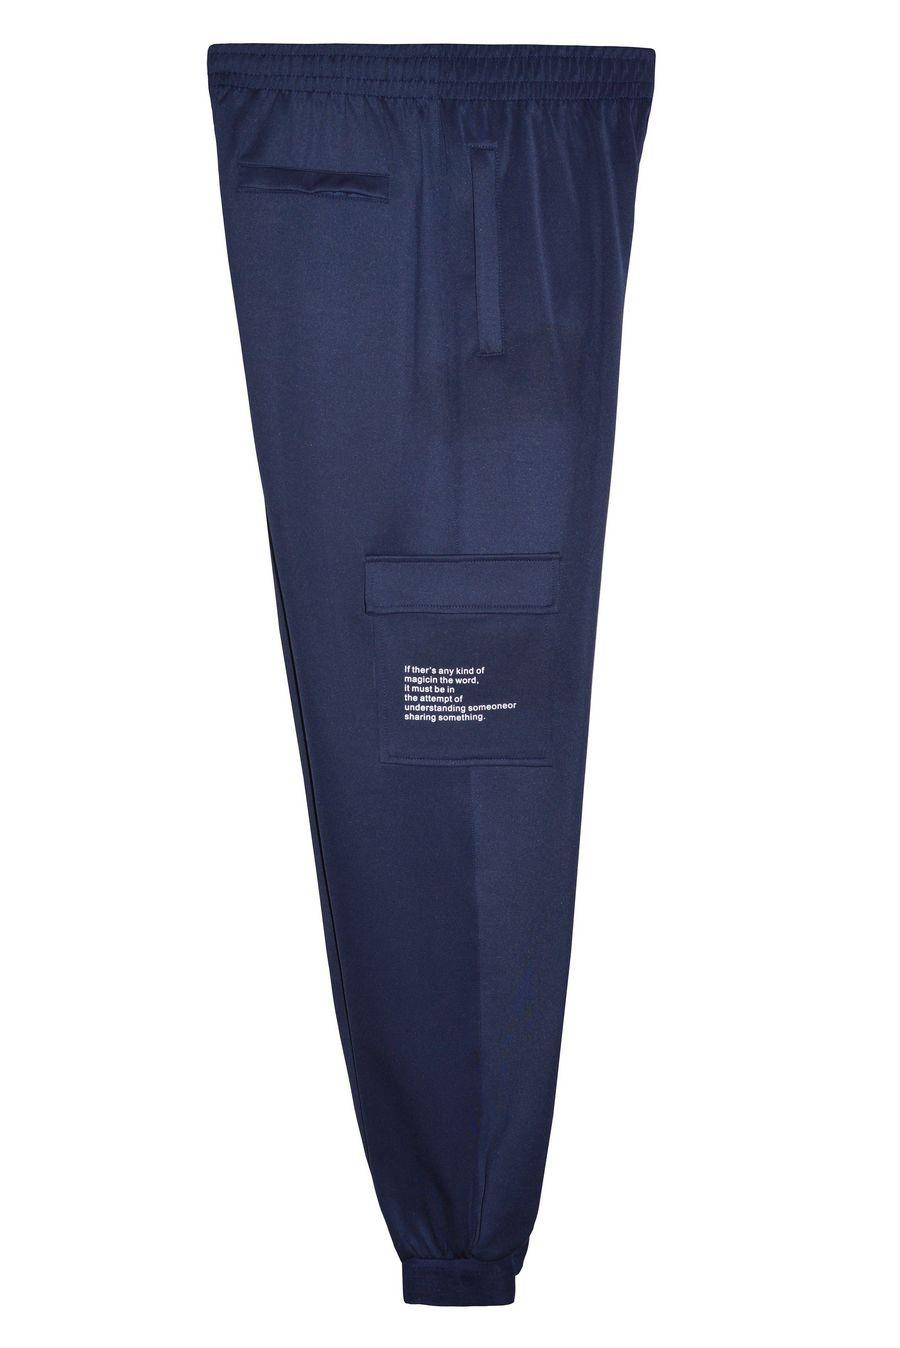 Брюки мужские GL J1081 синие - фото 1